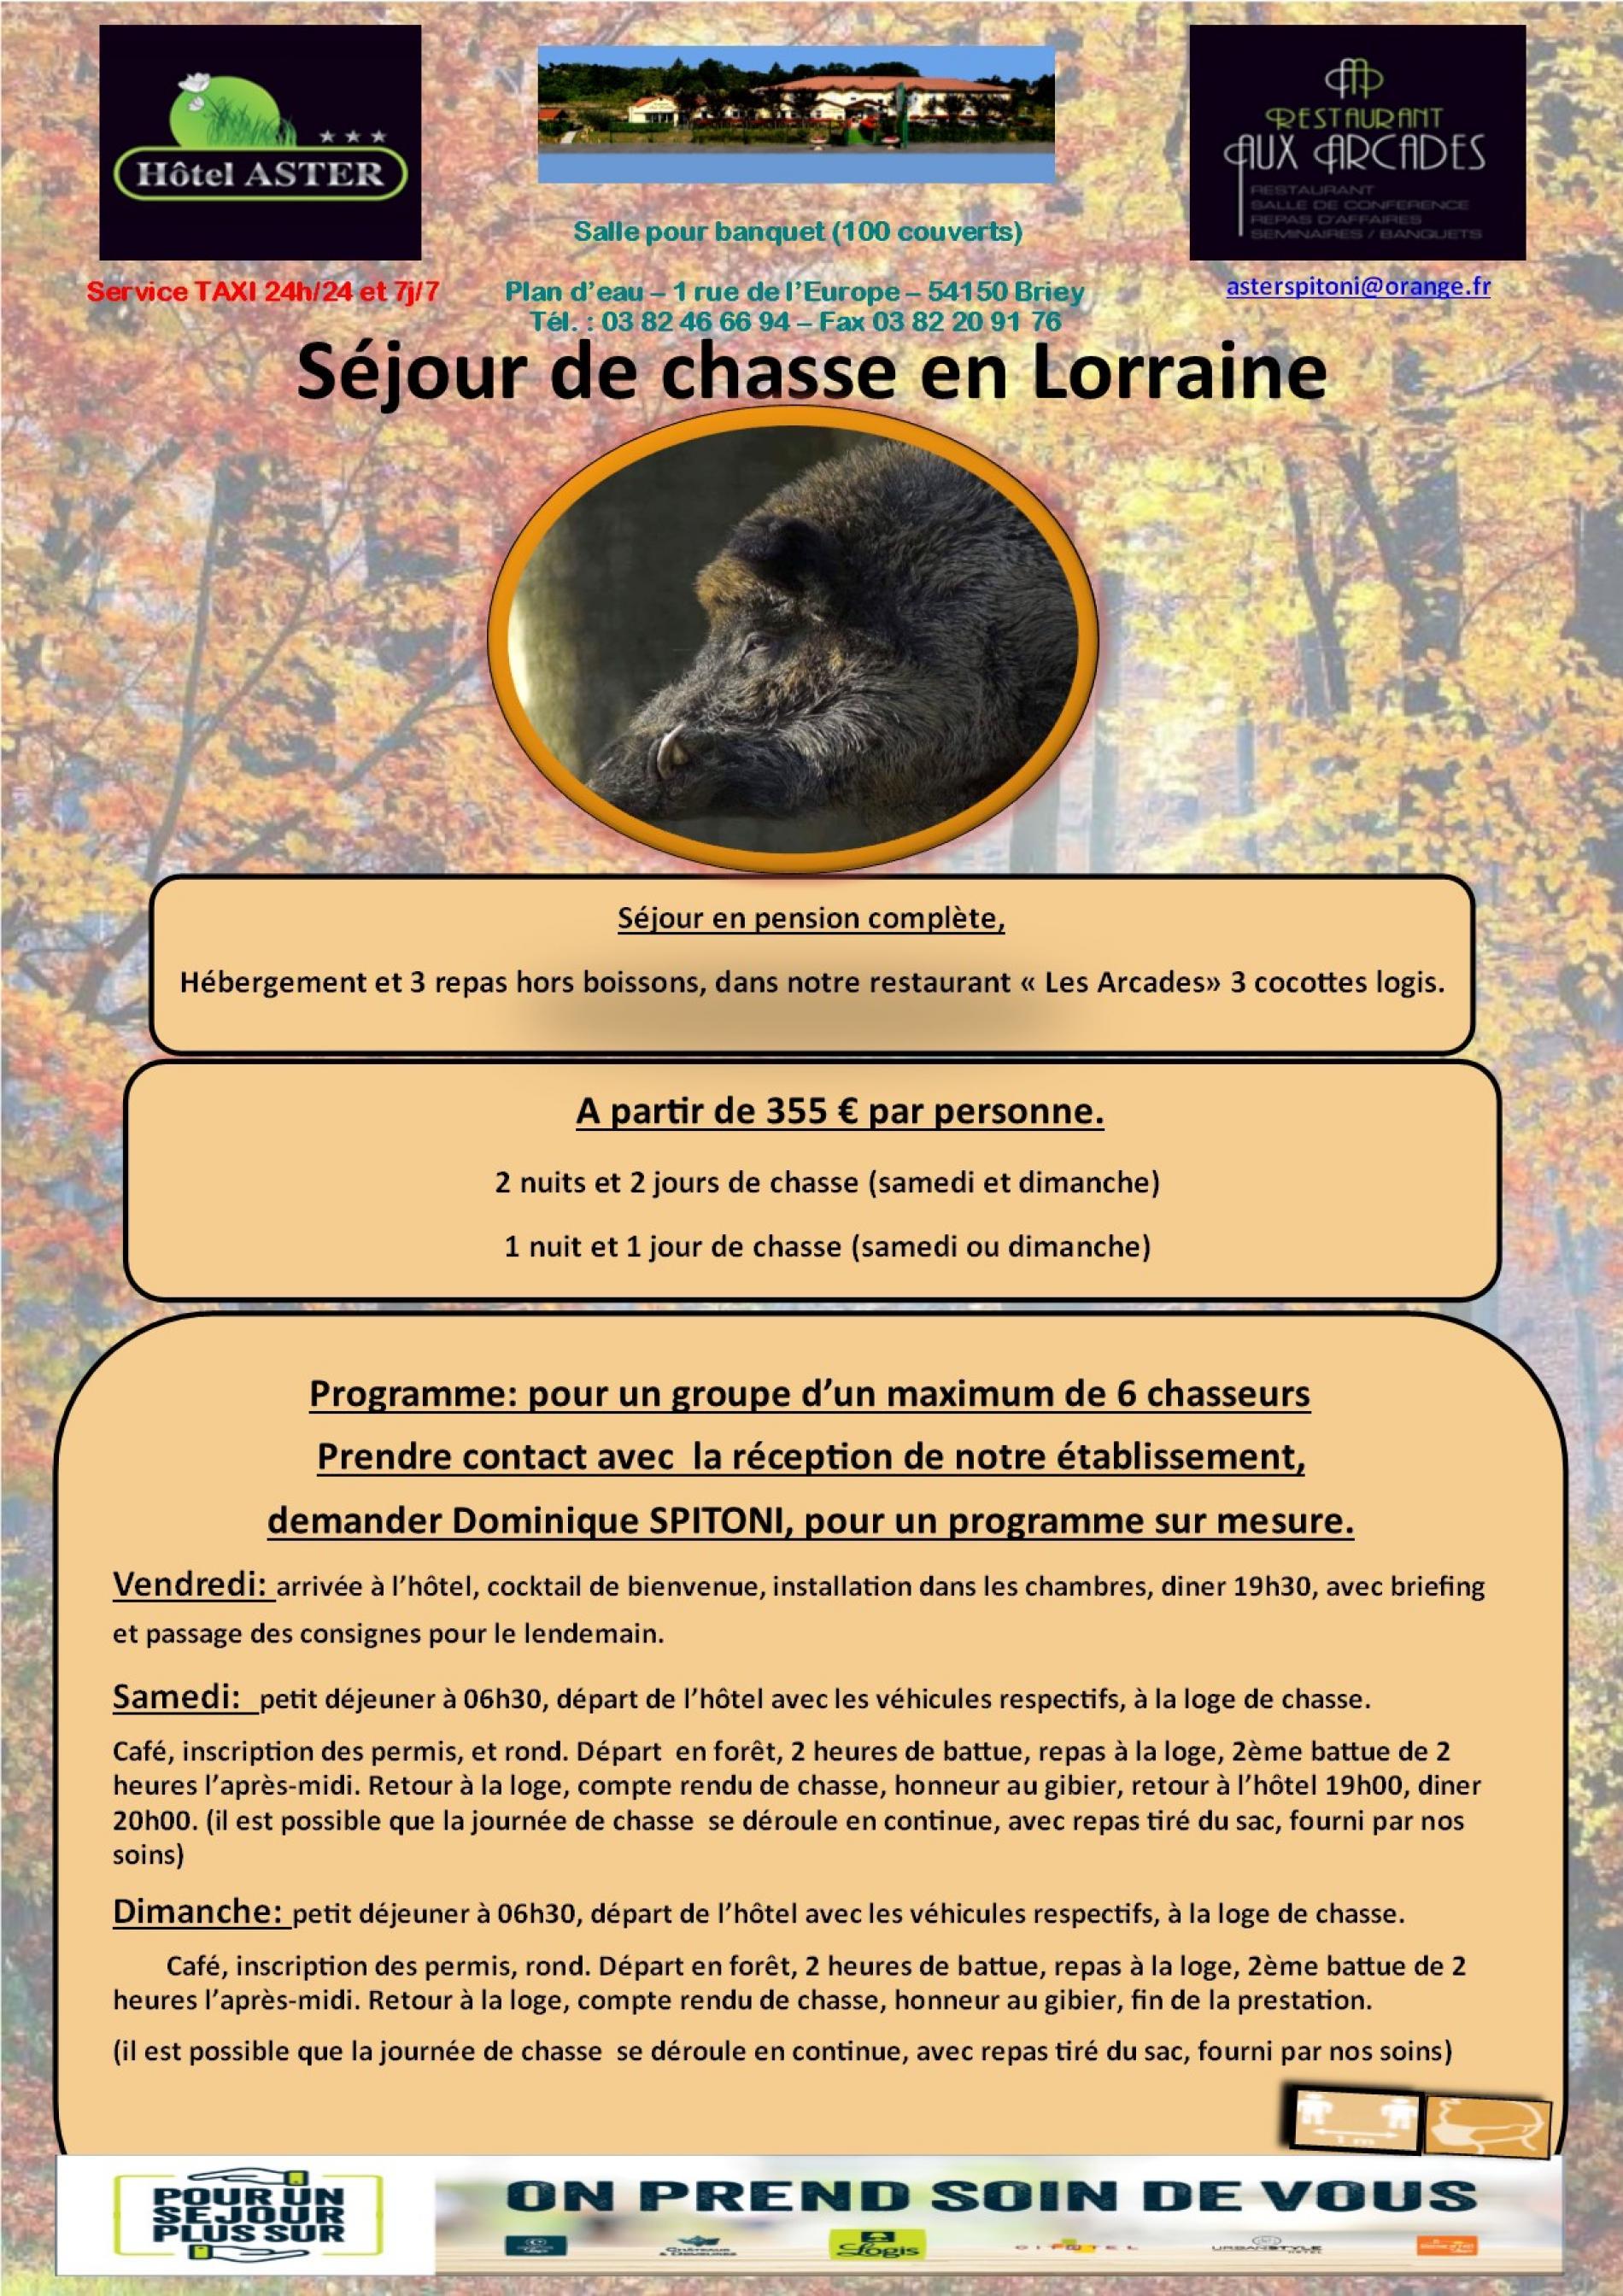 Séjour de chasse en Lorraine